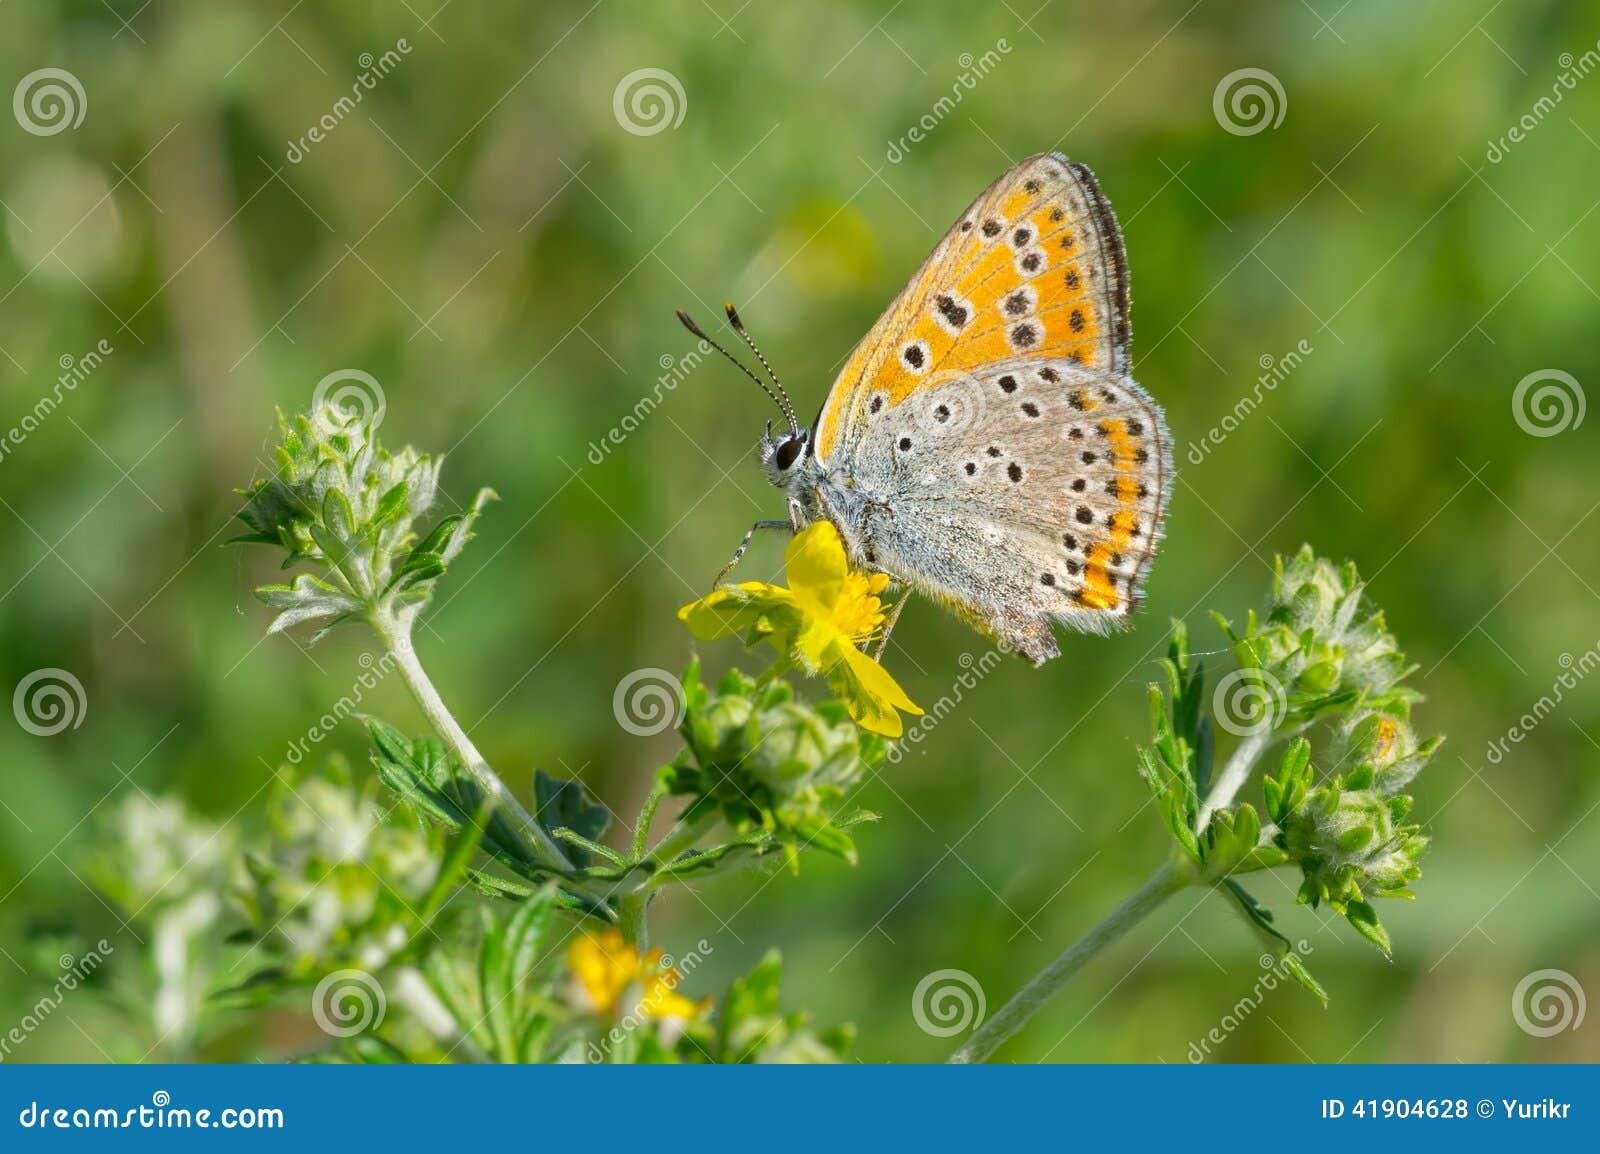 Mariposa azul común en una flor salvaje